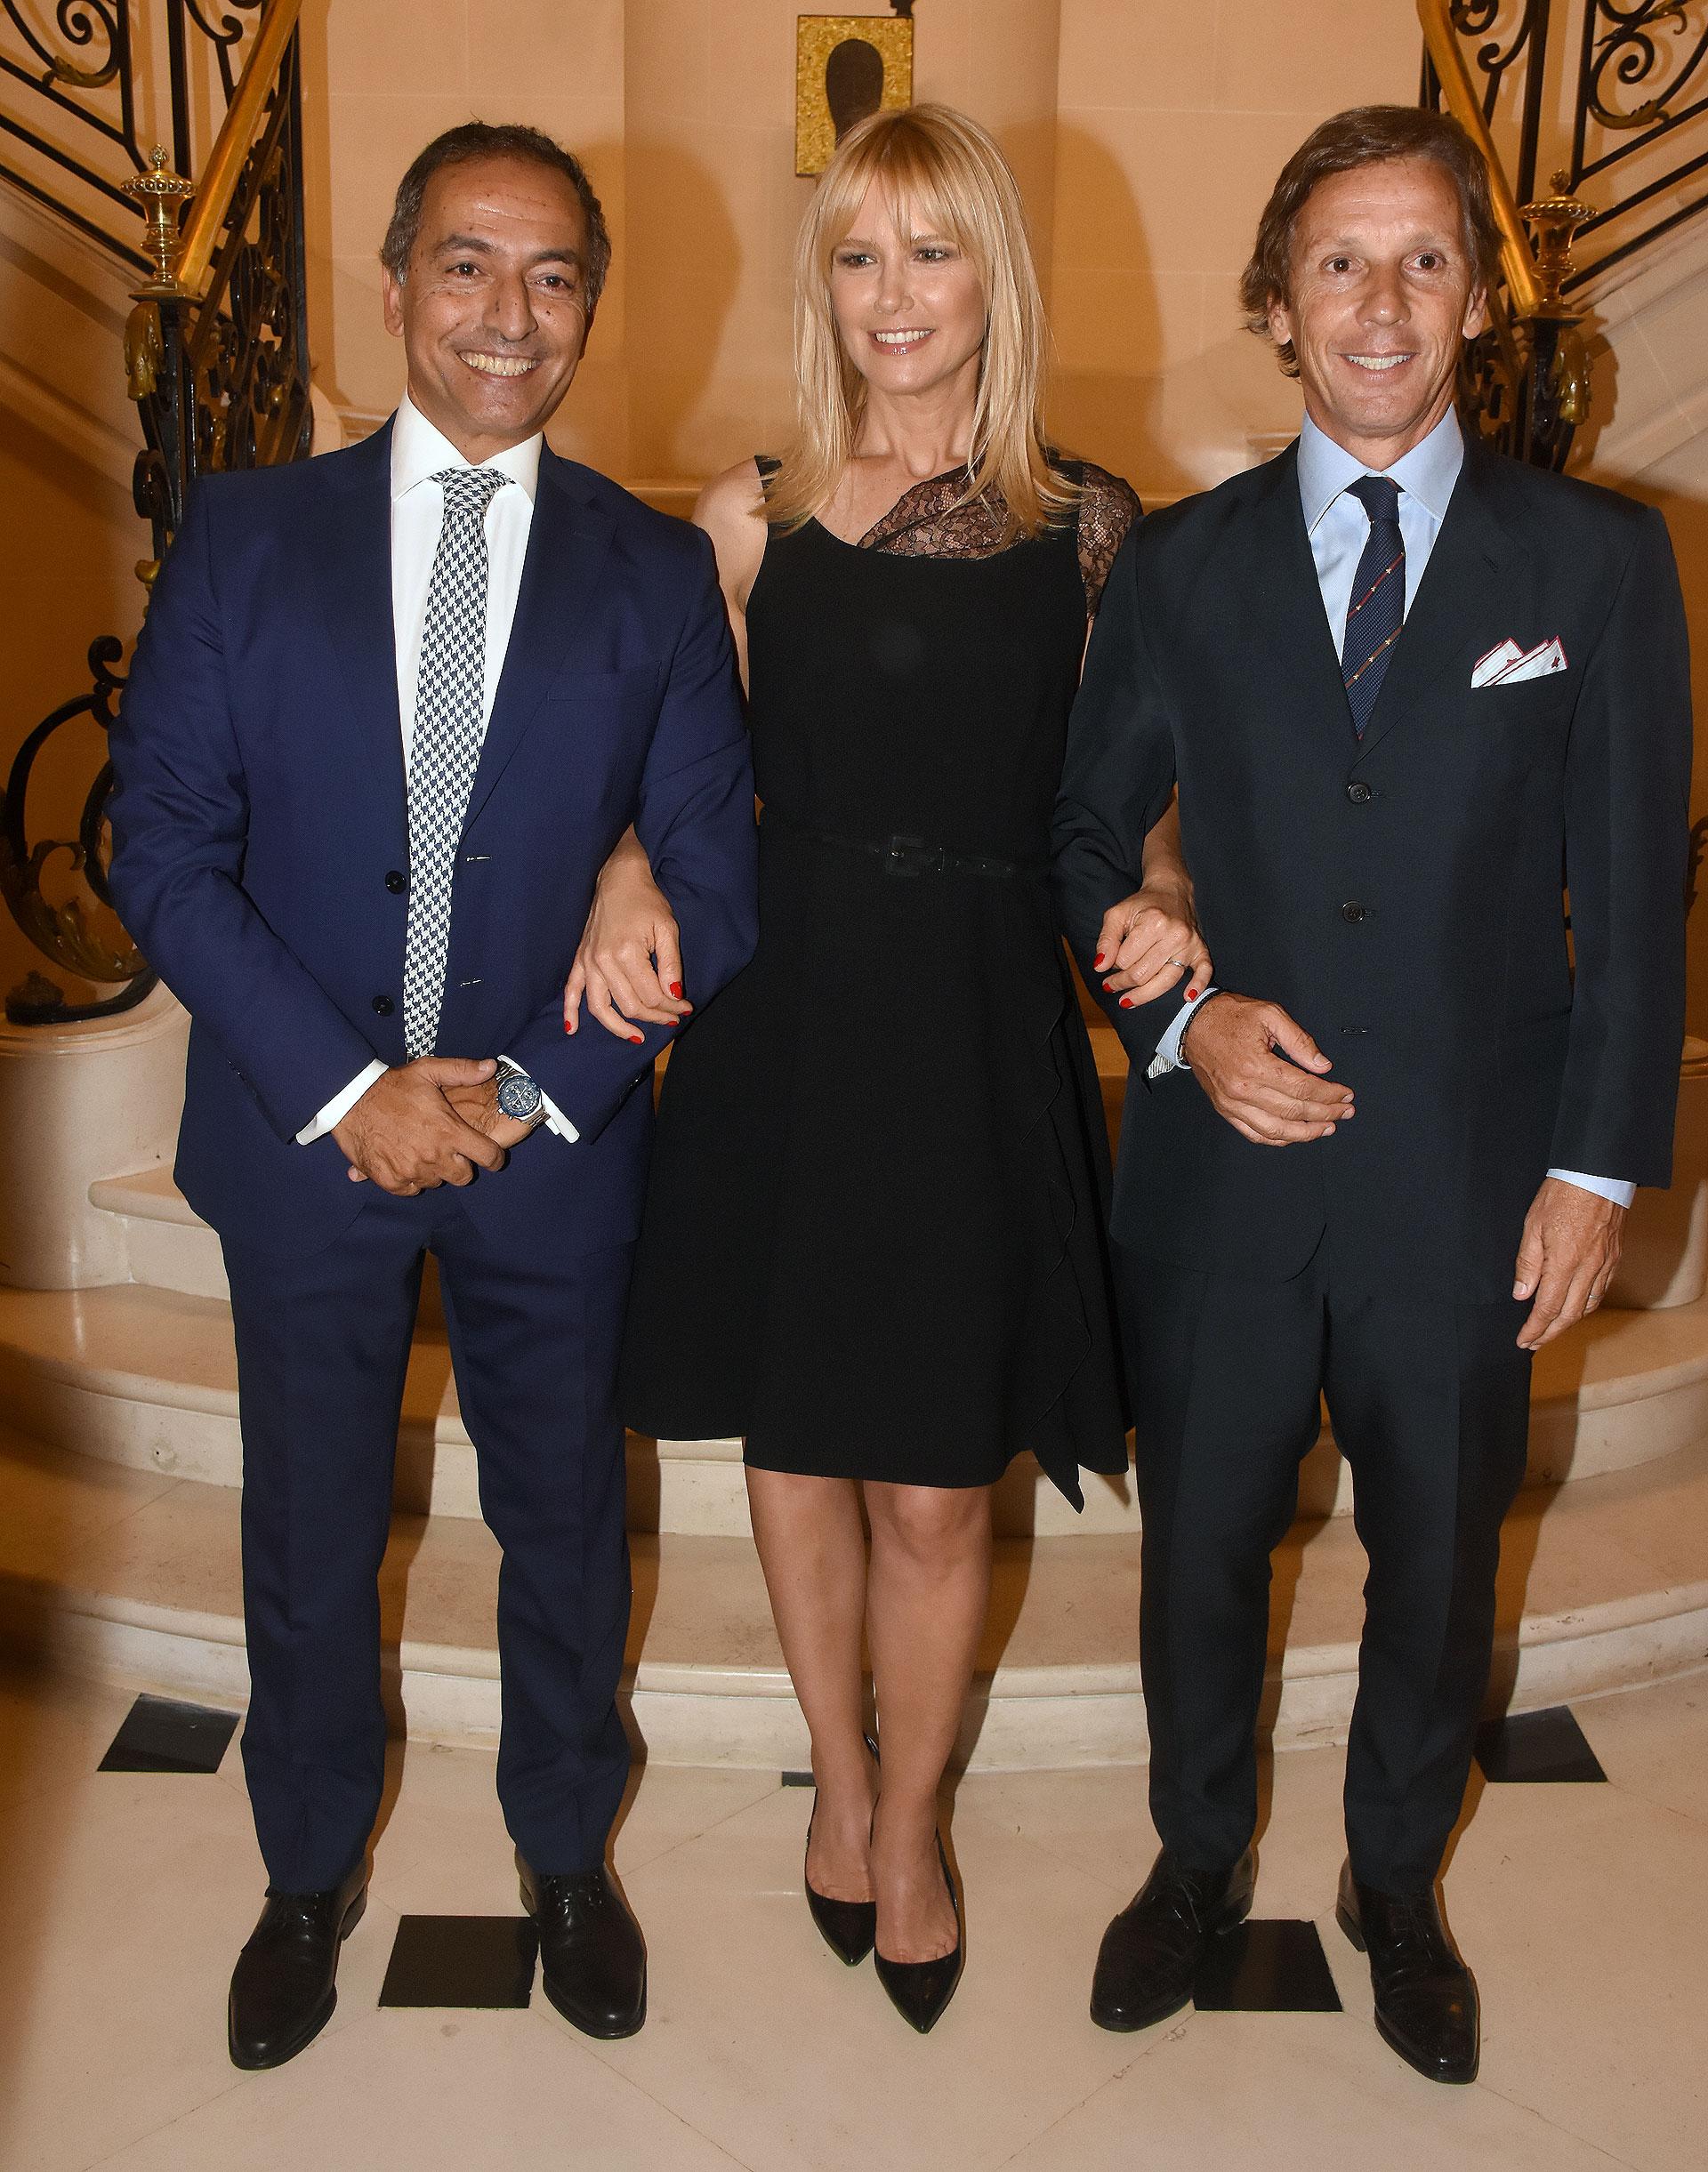 El embajador de Portugal en la Argentina, João Ribeiro de Almeida, junto a Valeria Mazza y Alejando Gravier